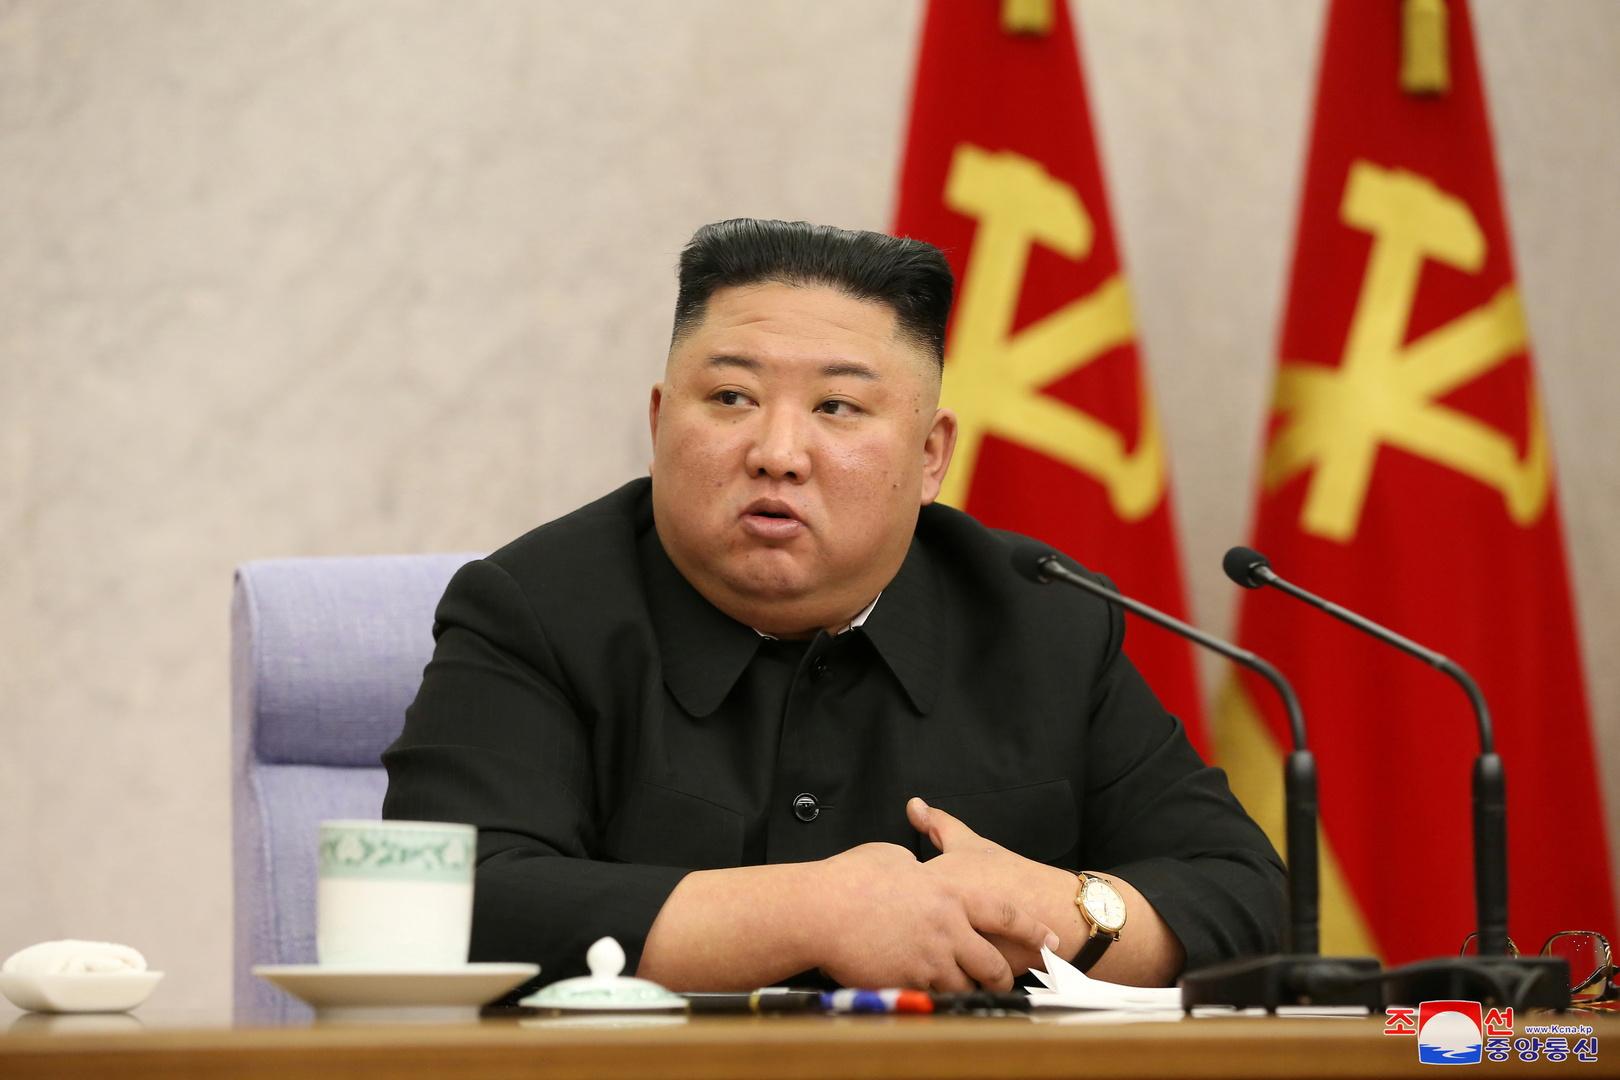 الزعيم الكوري الشمالي كيم جونغ أون